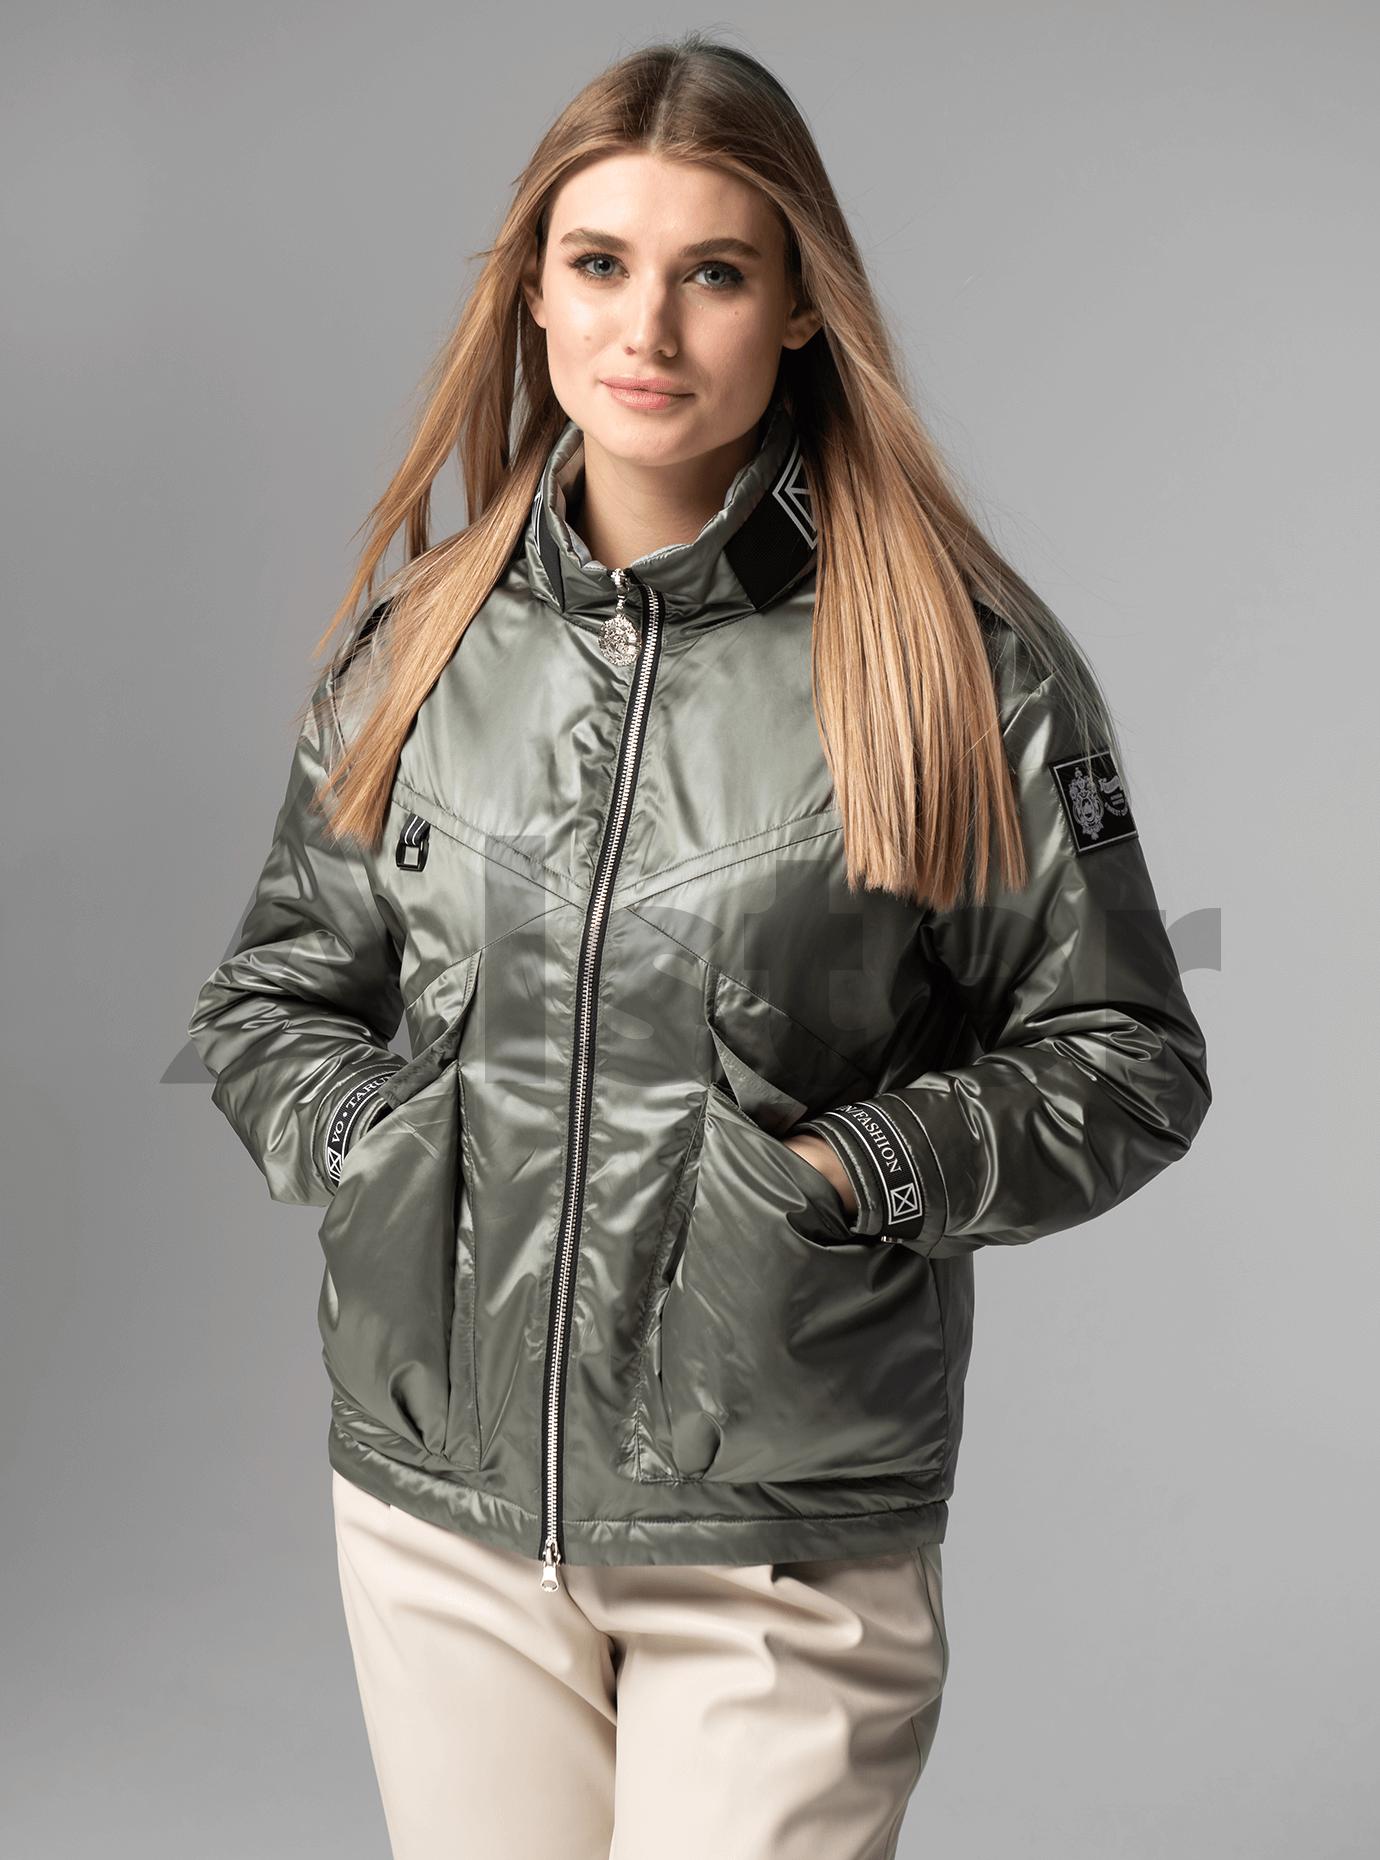 Куртка демисезонная короткая с накладными карманами Серый XL (02-V191073): фото - Alster.ua